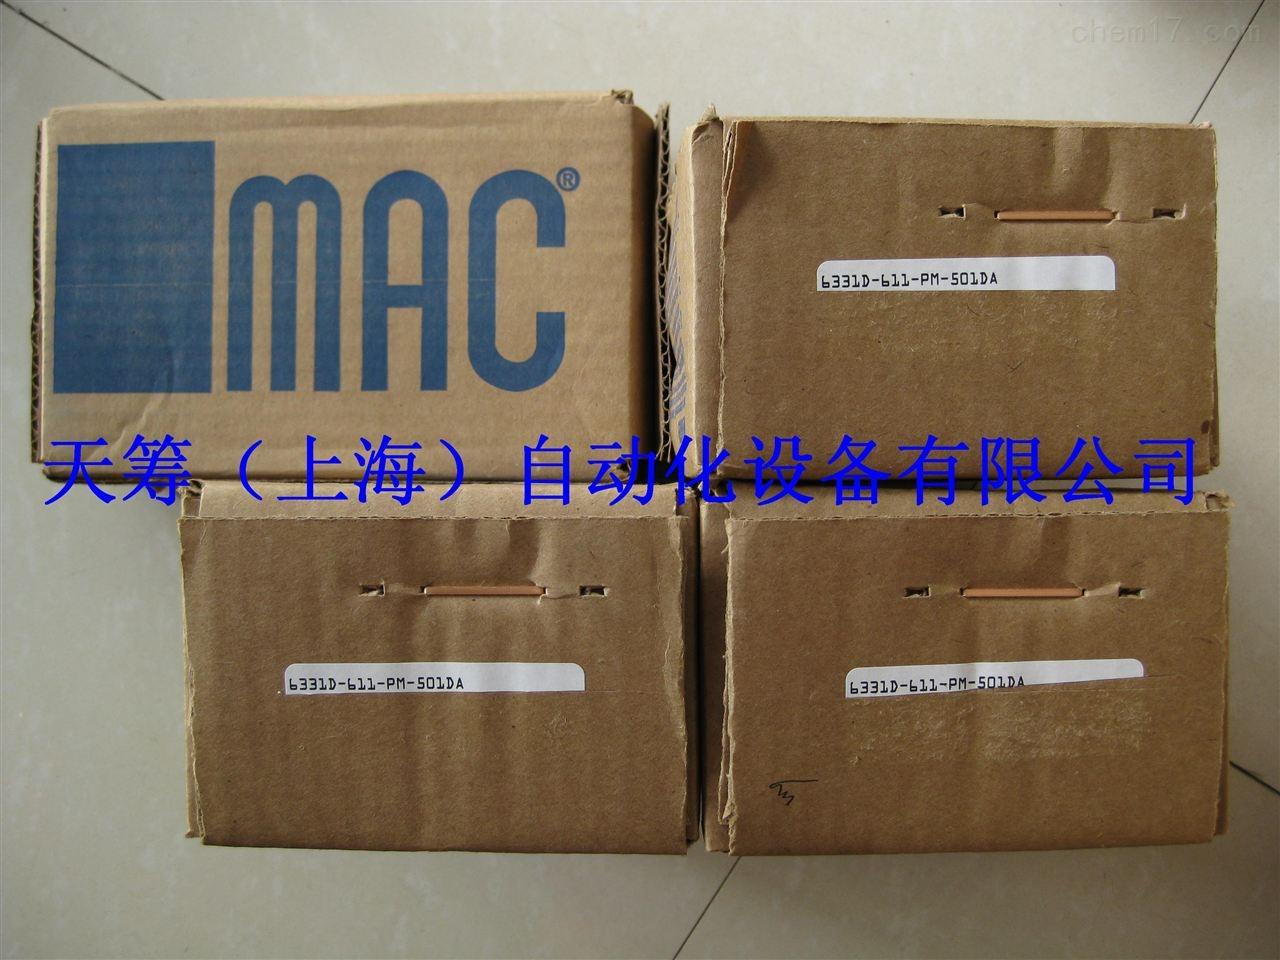 MAC电磁阀6331D-611-PM-501DA